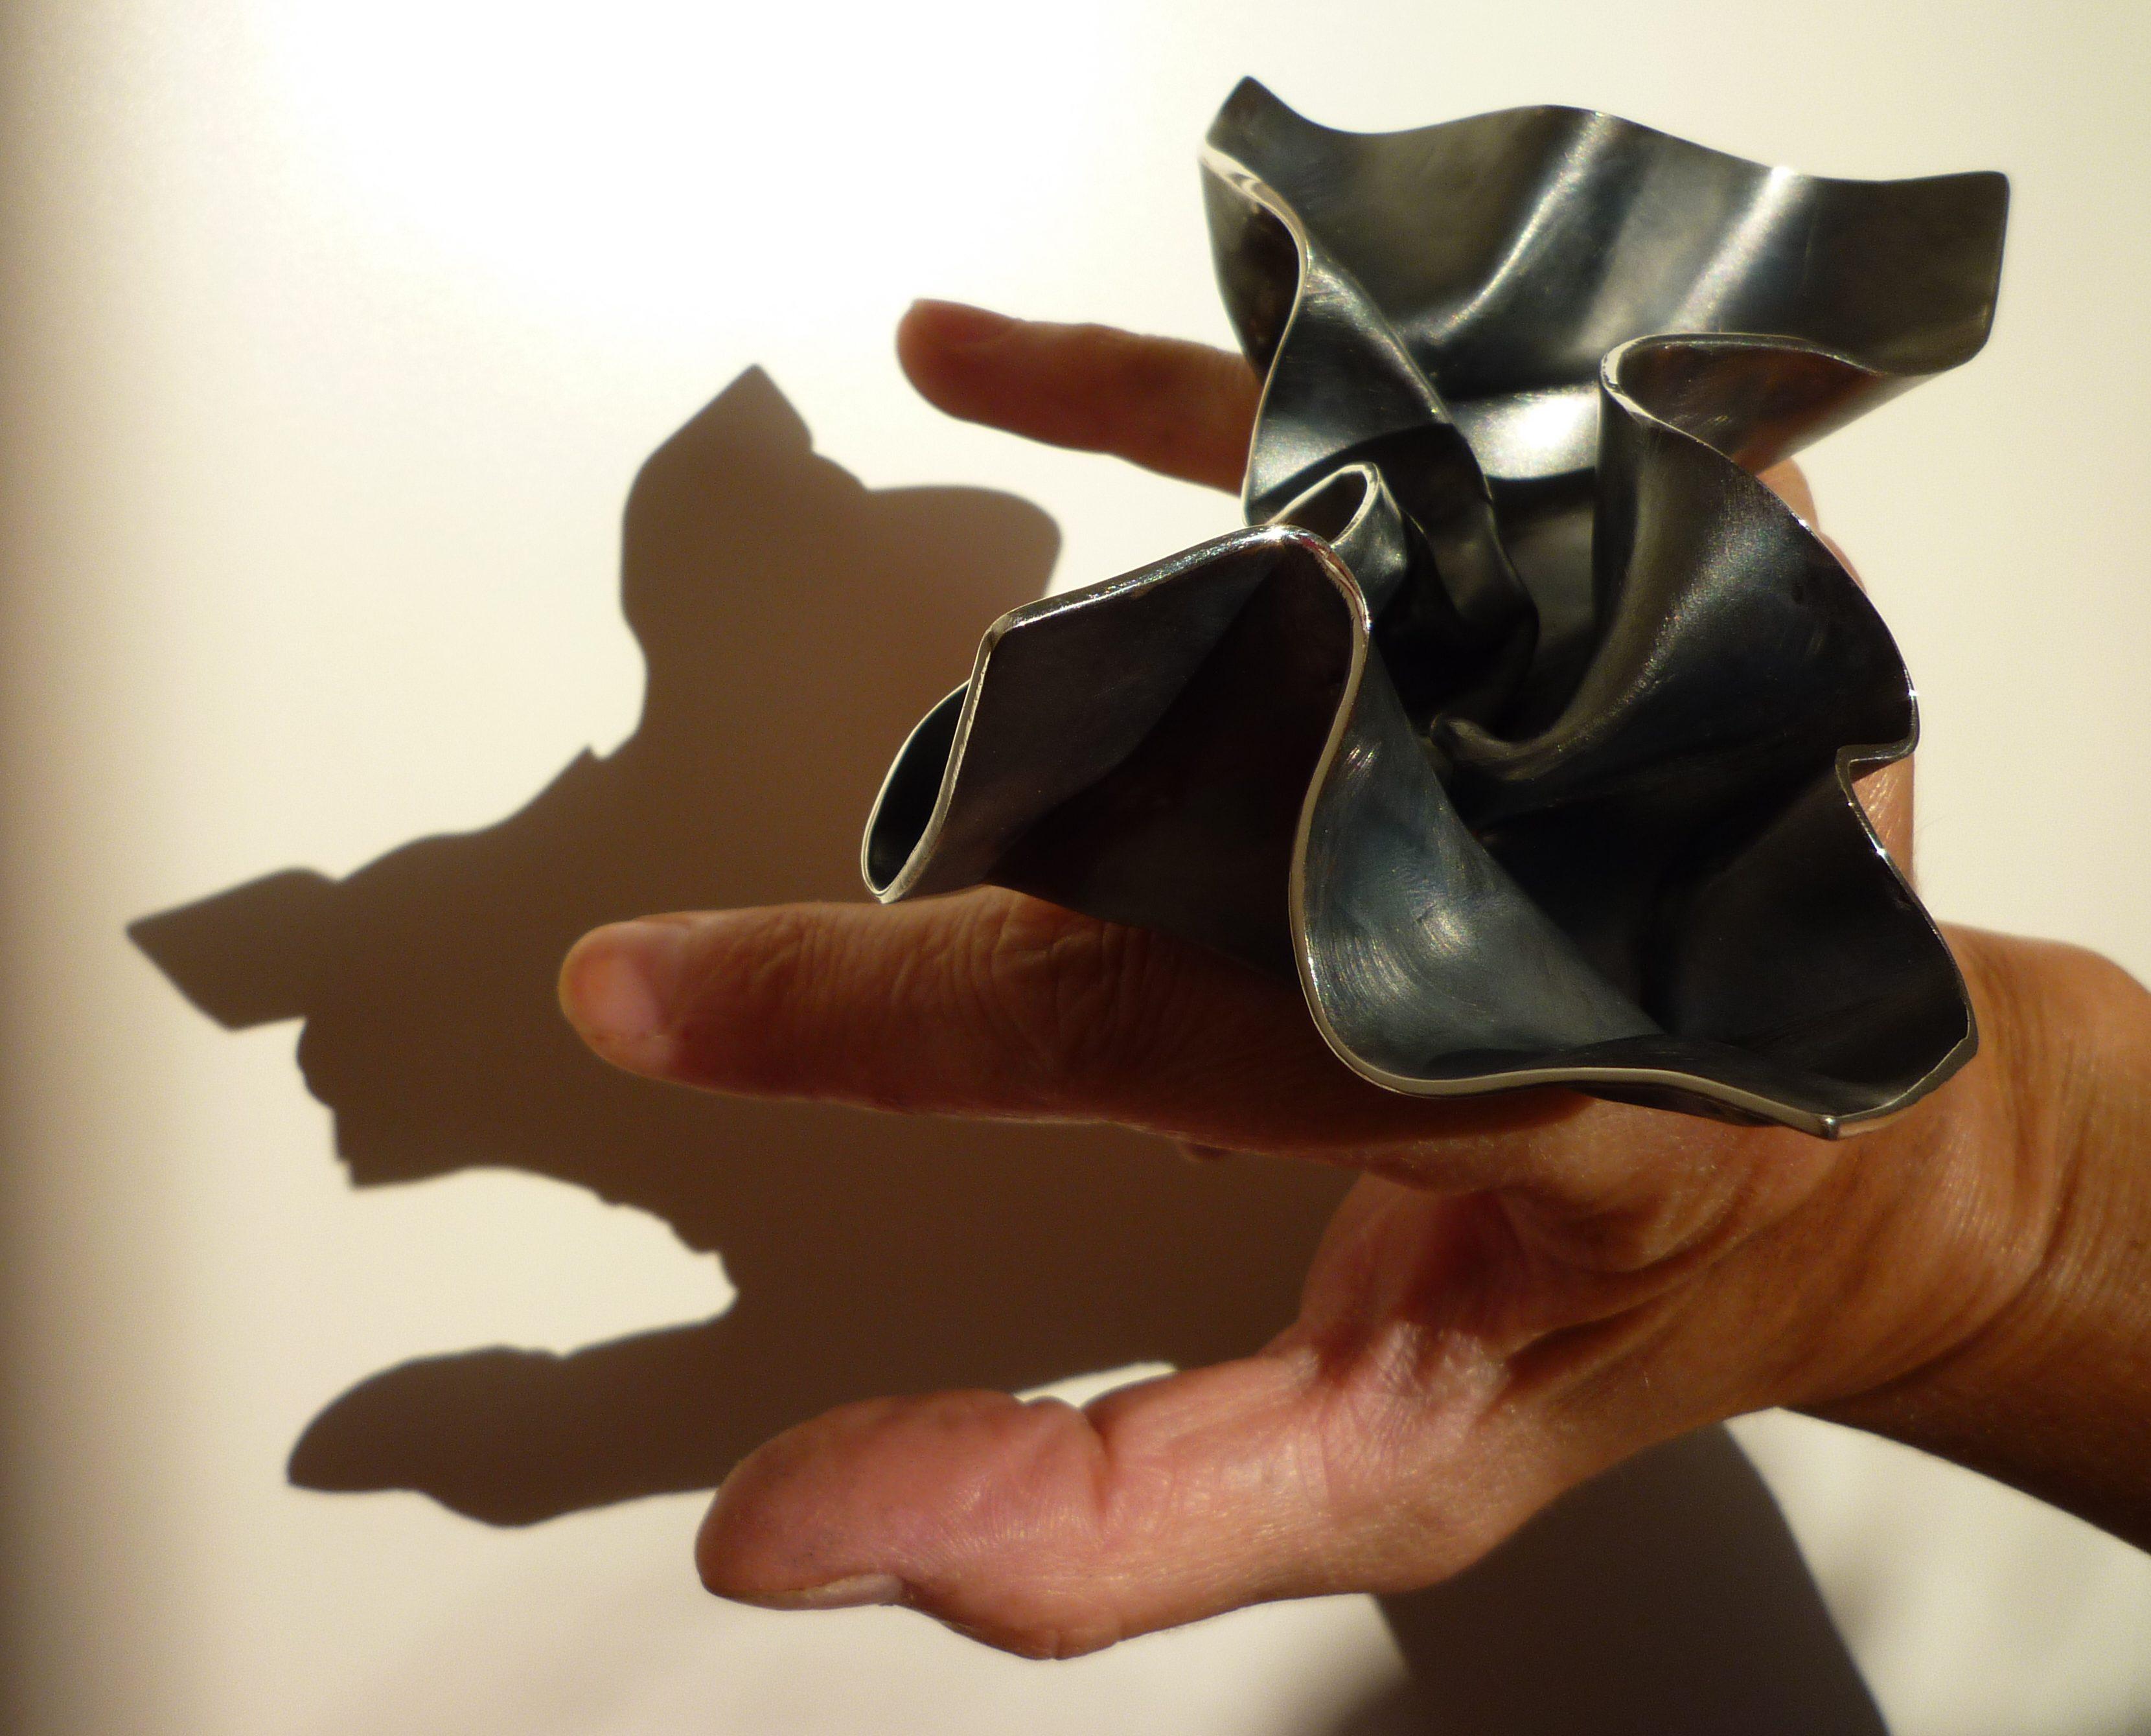 Alina Alamorean, Feuille, ring, 2012. Foto met dank aan Alina Alamorean©